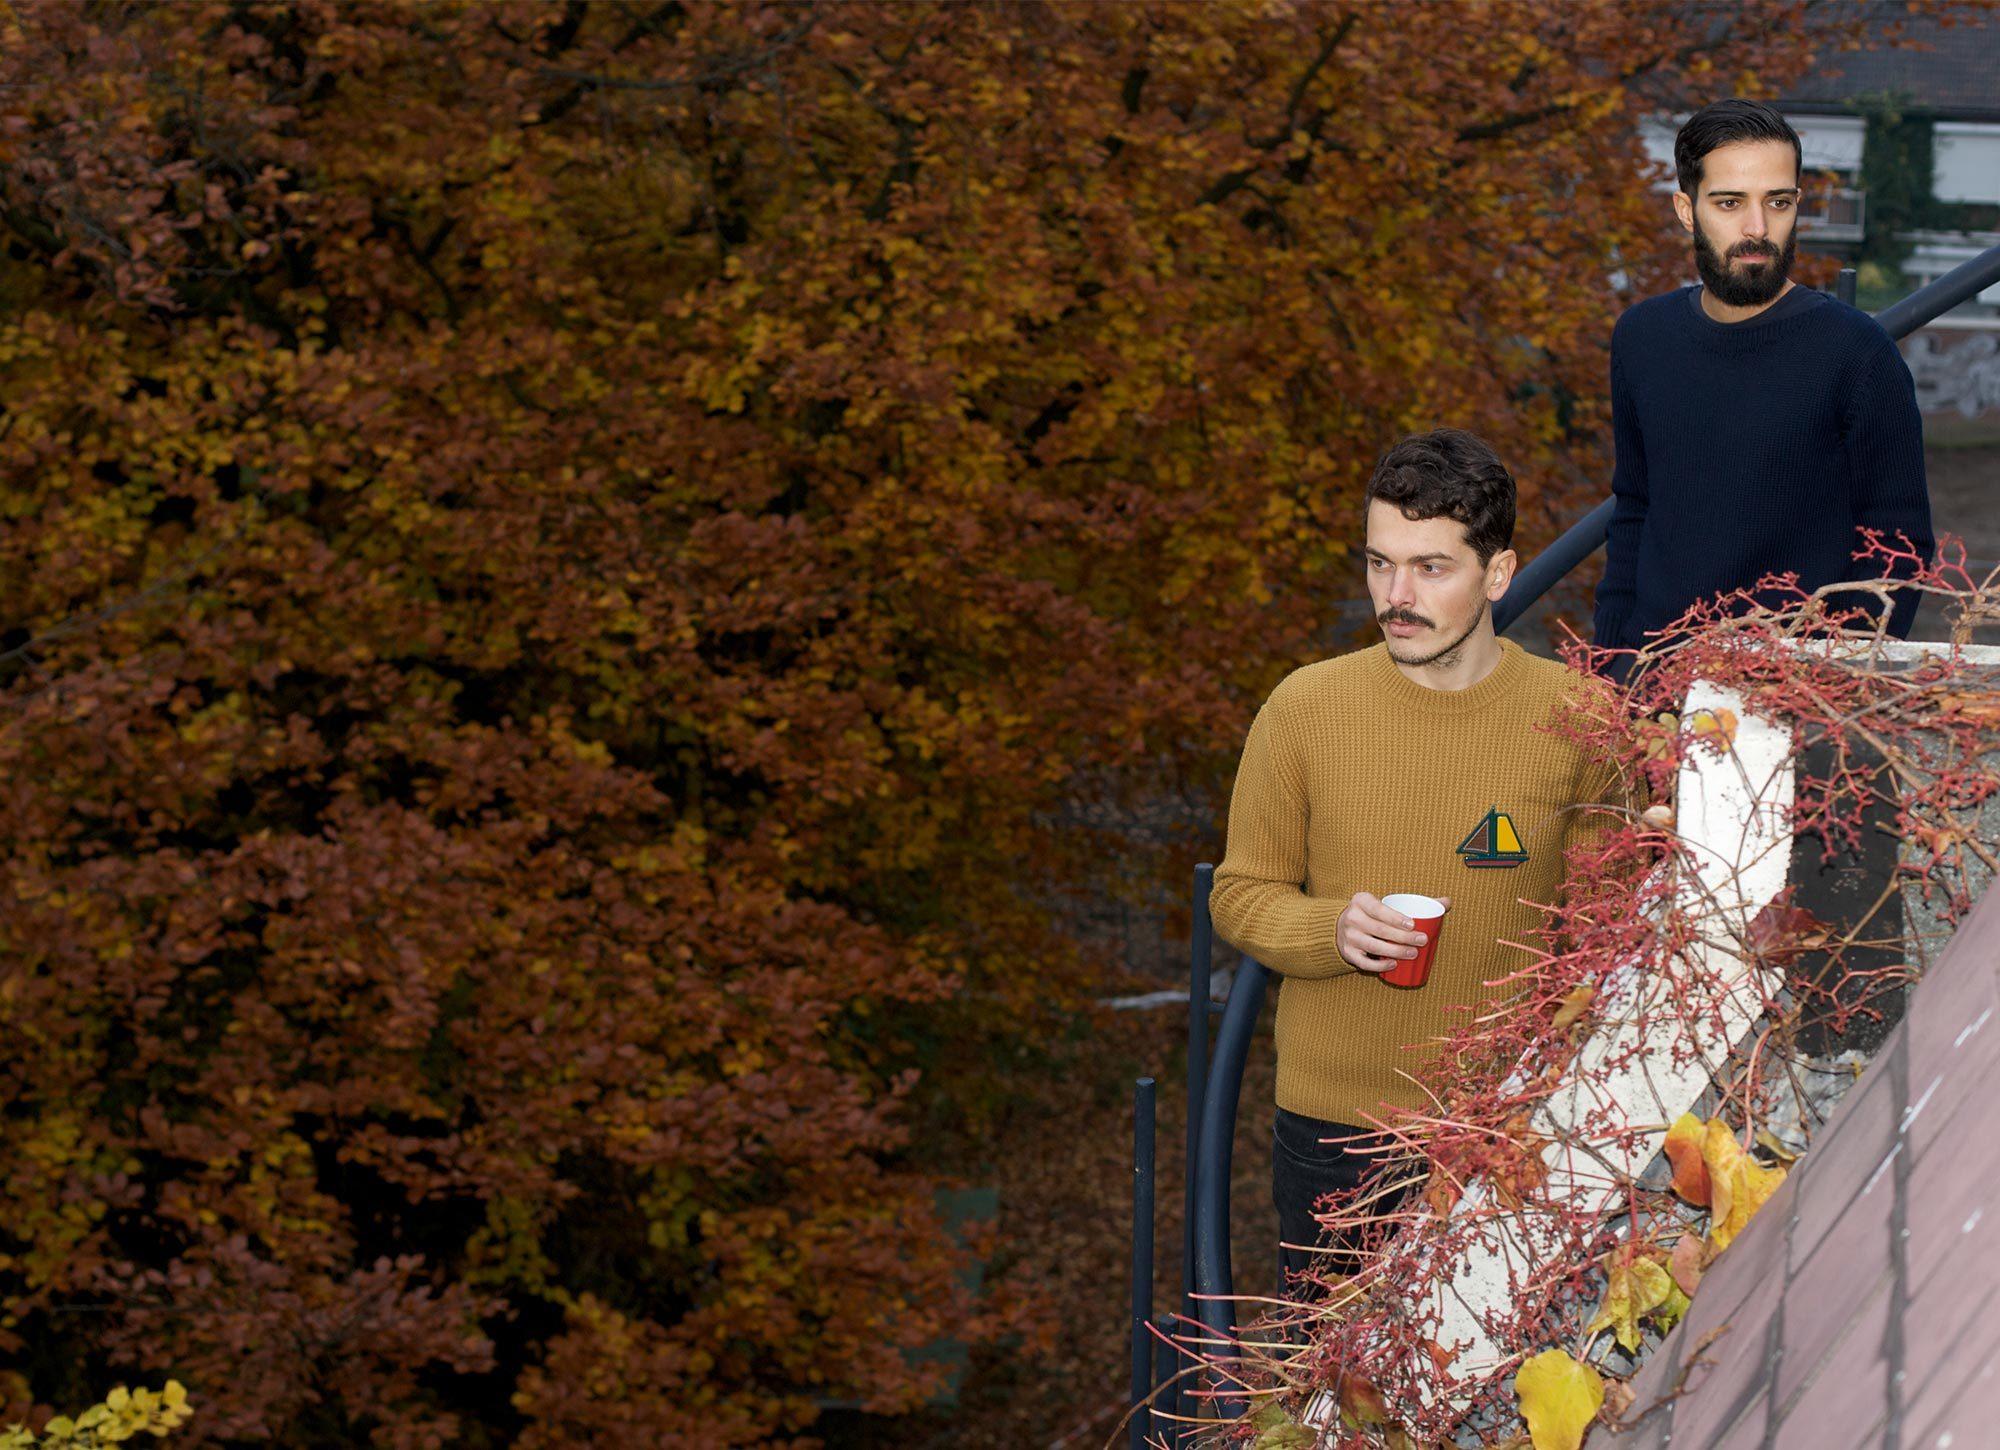 Designerduo Andrea Trimarchi and Simone Farresin sind Formafantasma. Foto: Bitossi